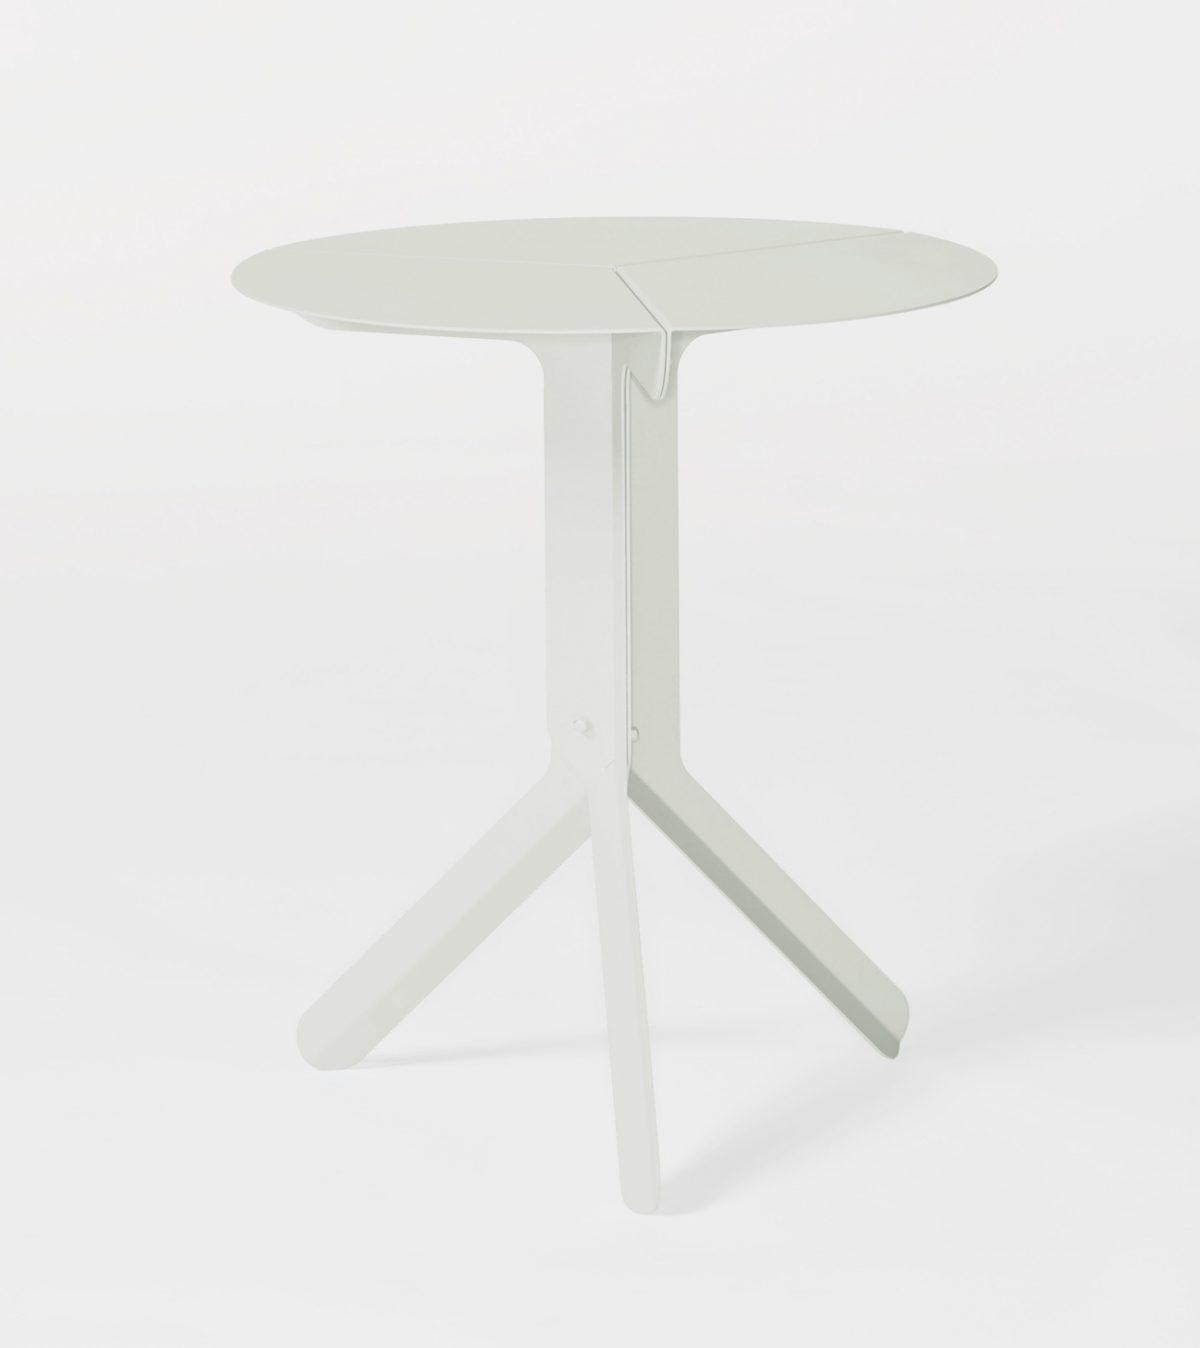 New Duivendrecht sliced table wit hoog, designer Frederik Roijé – gimmii shop